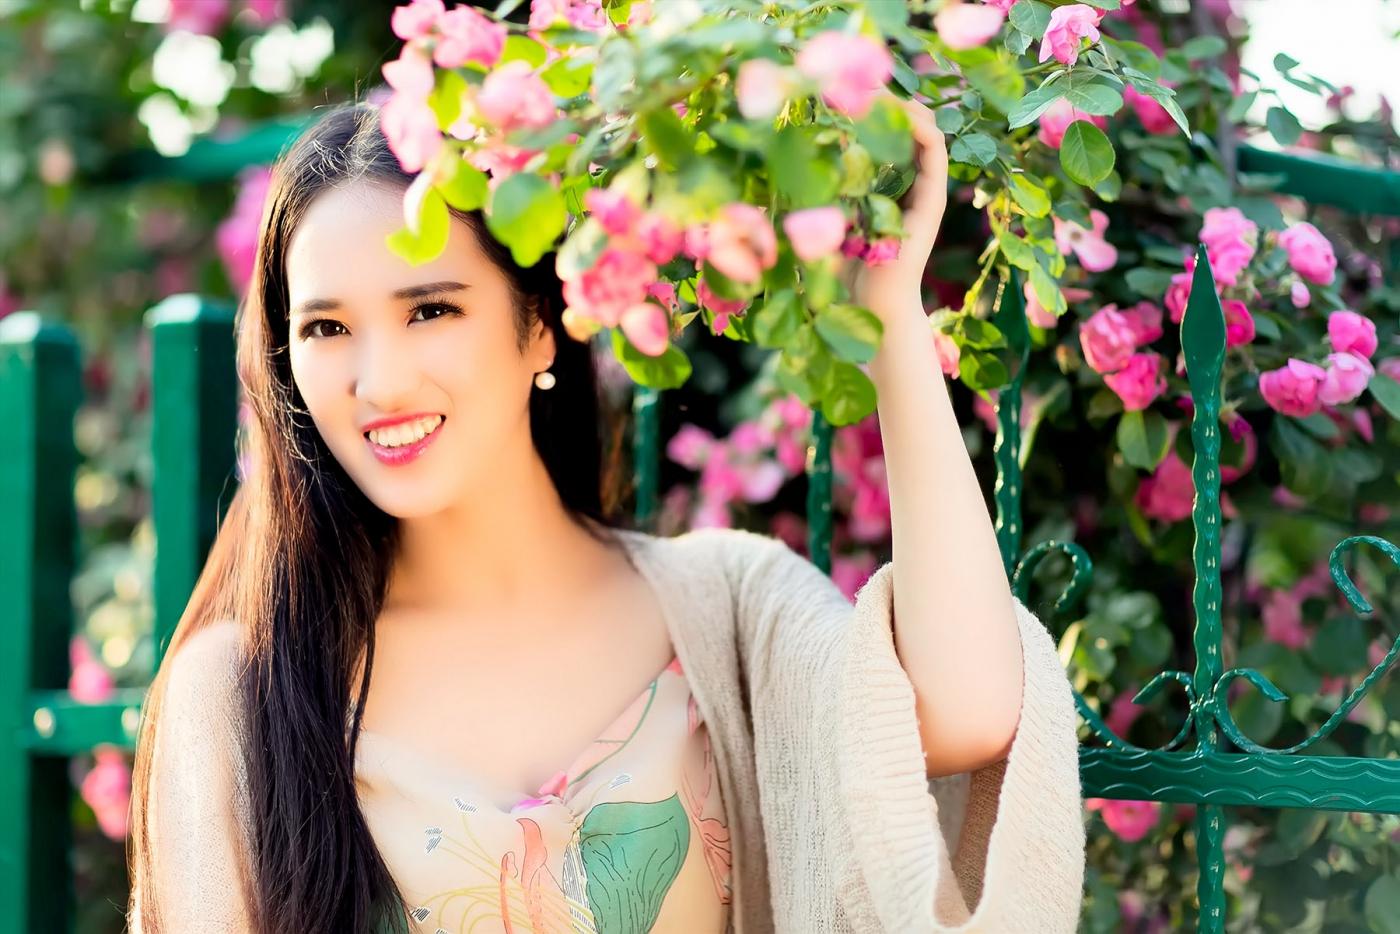 蔷薇·阳光·女孩 去见你想见的人吧_图1-7